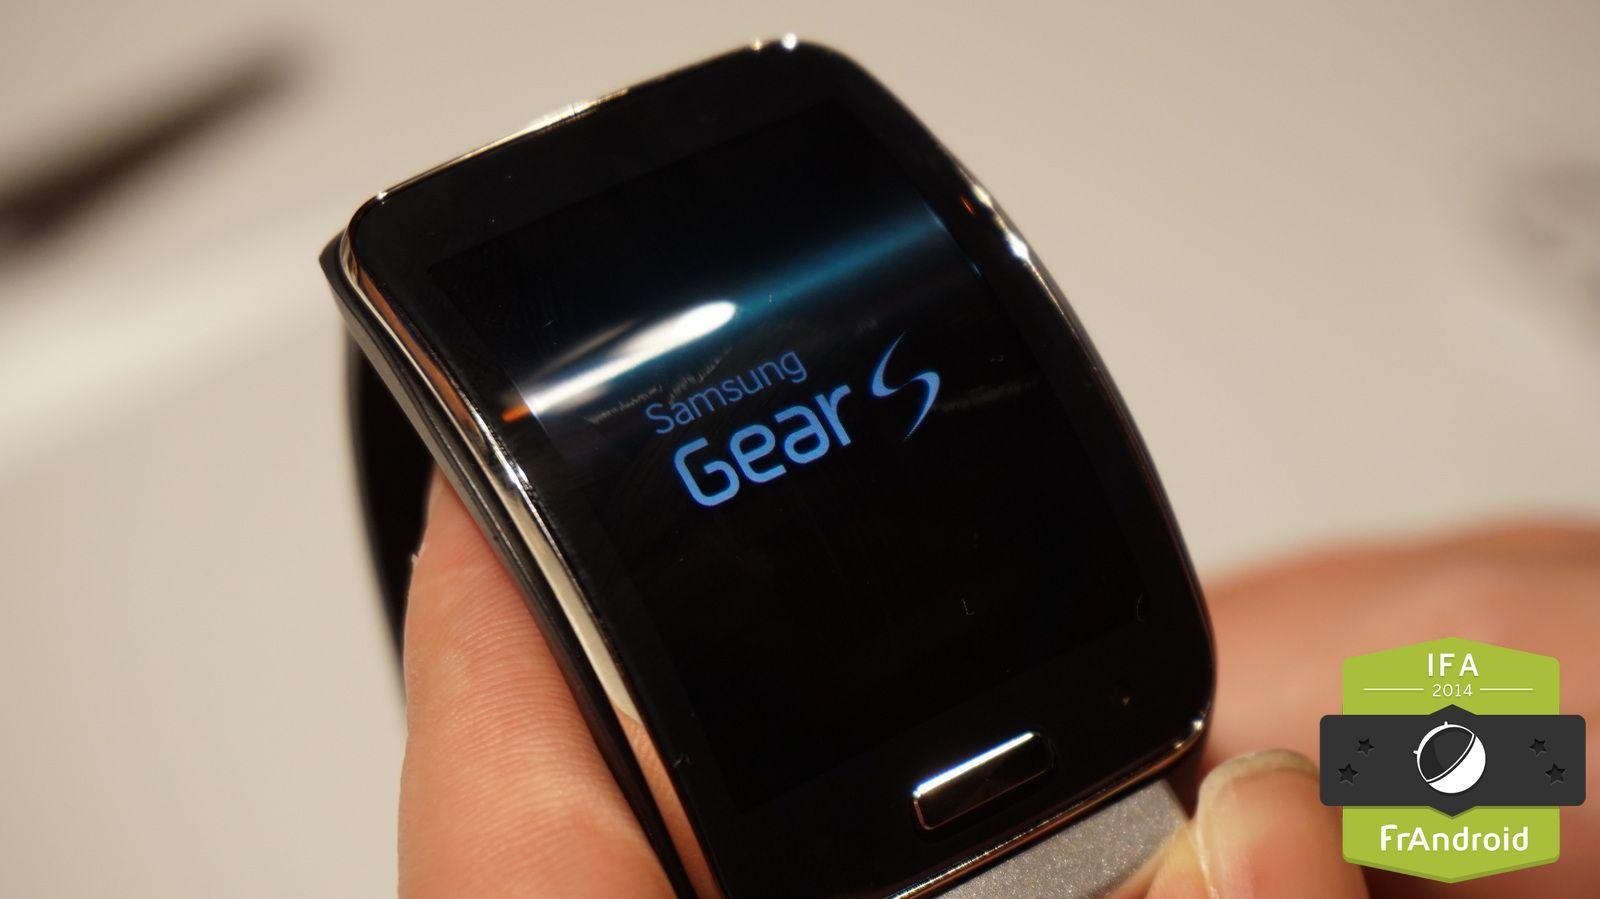 La Samsung Gear S, présentée en Europe dans les halls de l'IFA2014, pourrait bientôt compter parmi les modèles n'étant plus supportés par Samsung